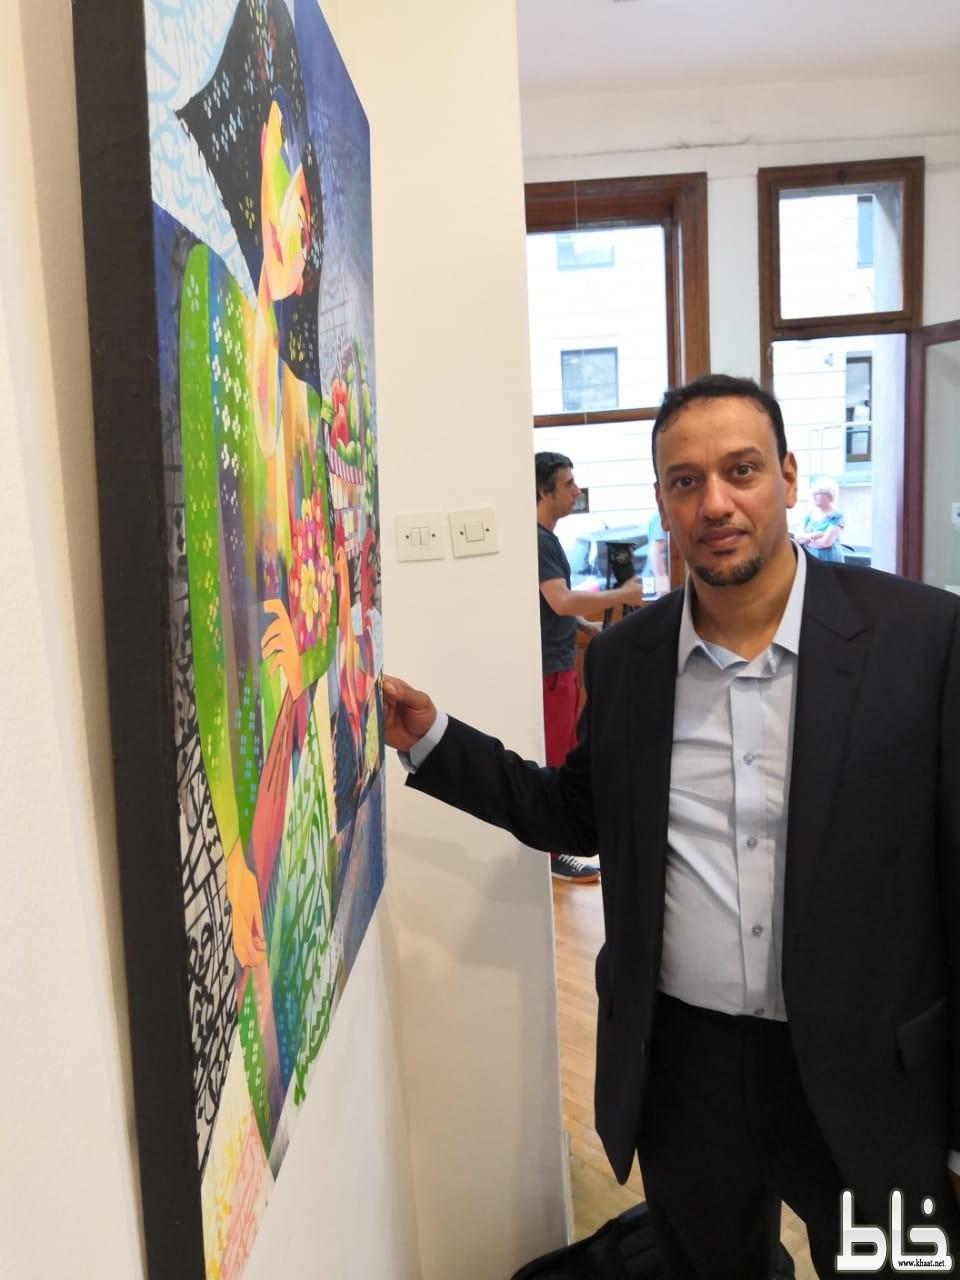 الفنان سامي البار يمثل المملكة في معرض بالمتحف الوطني بصربيا